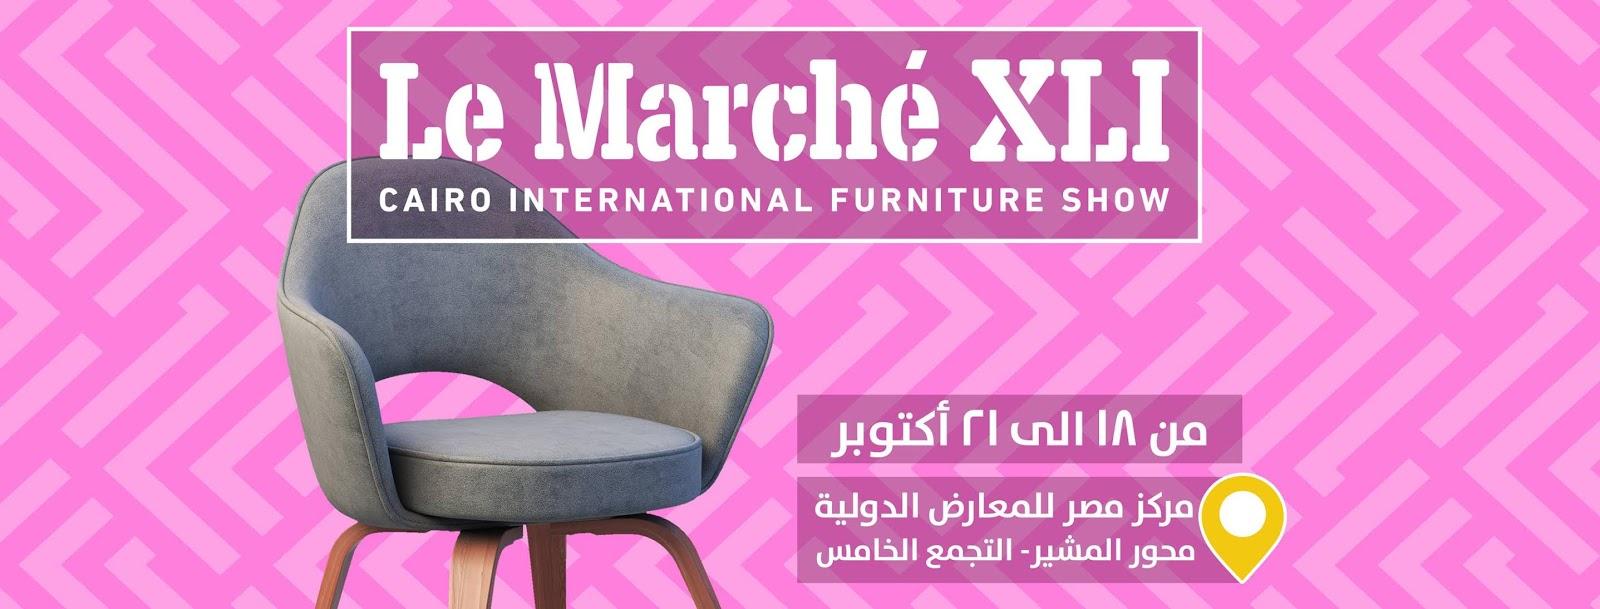 معرض لو مارشيه اكتوبر 2018 تغطية شاملة لاسعار الاثات بالمعرض